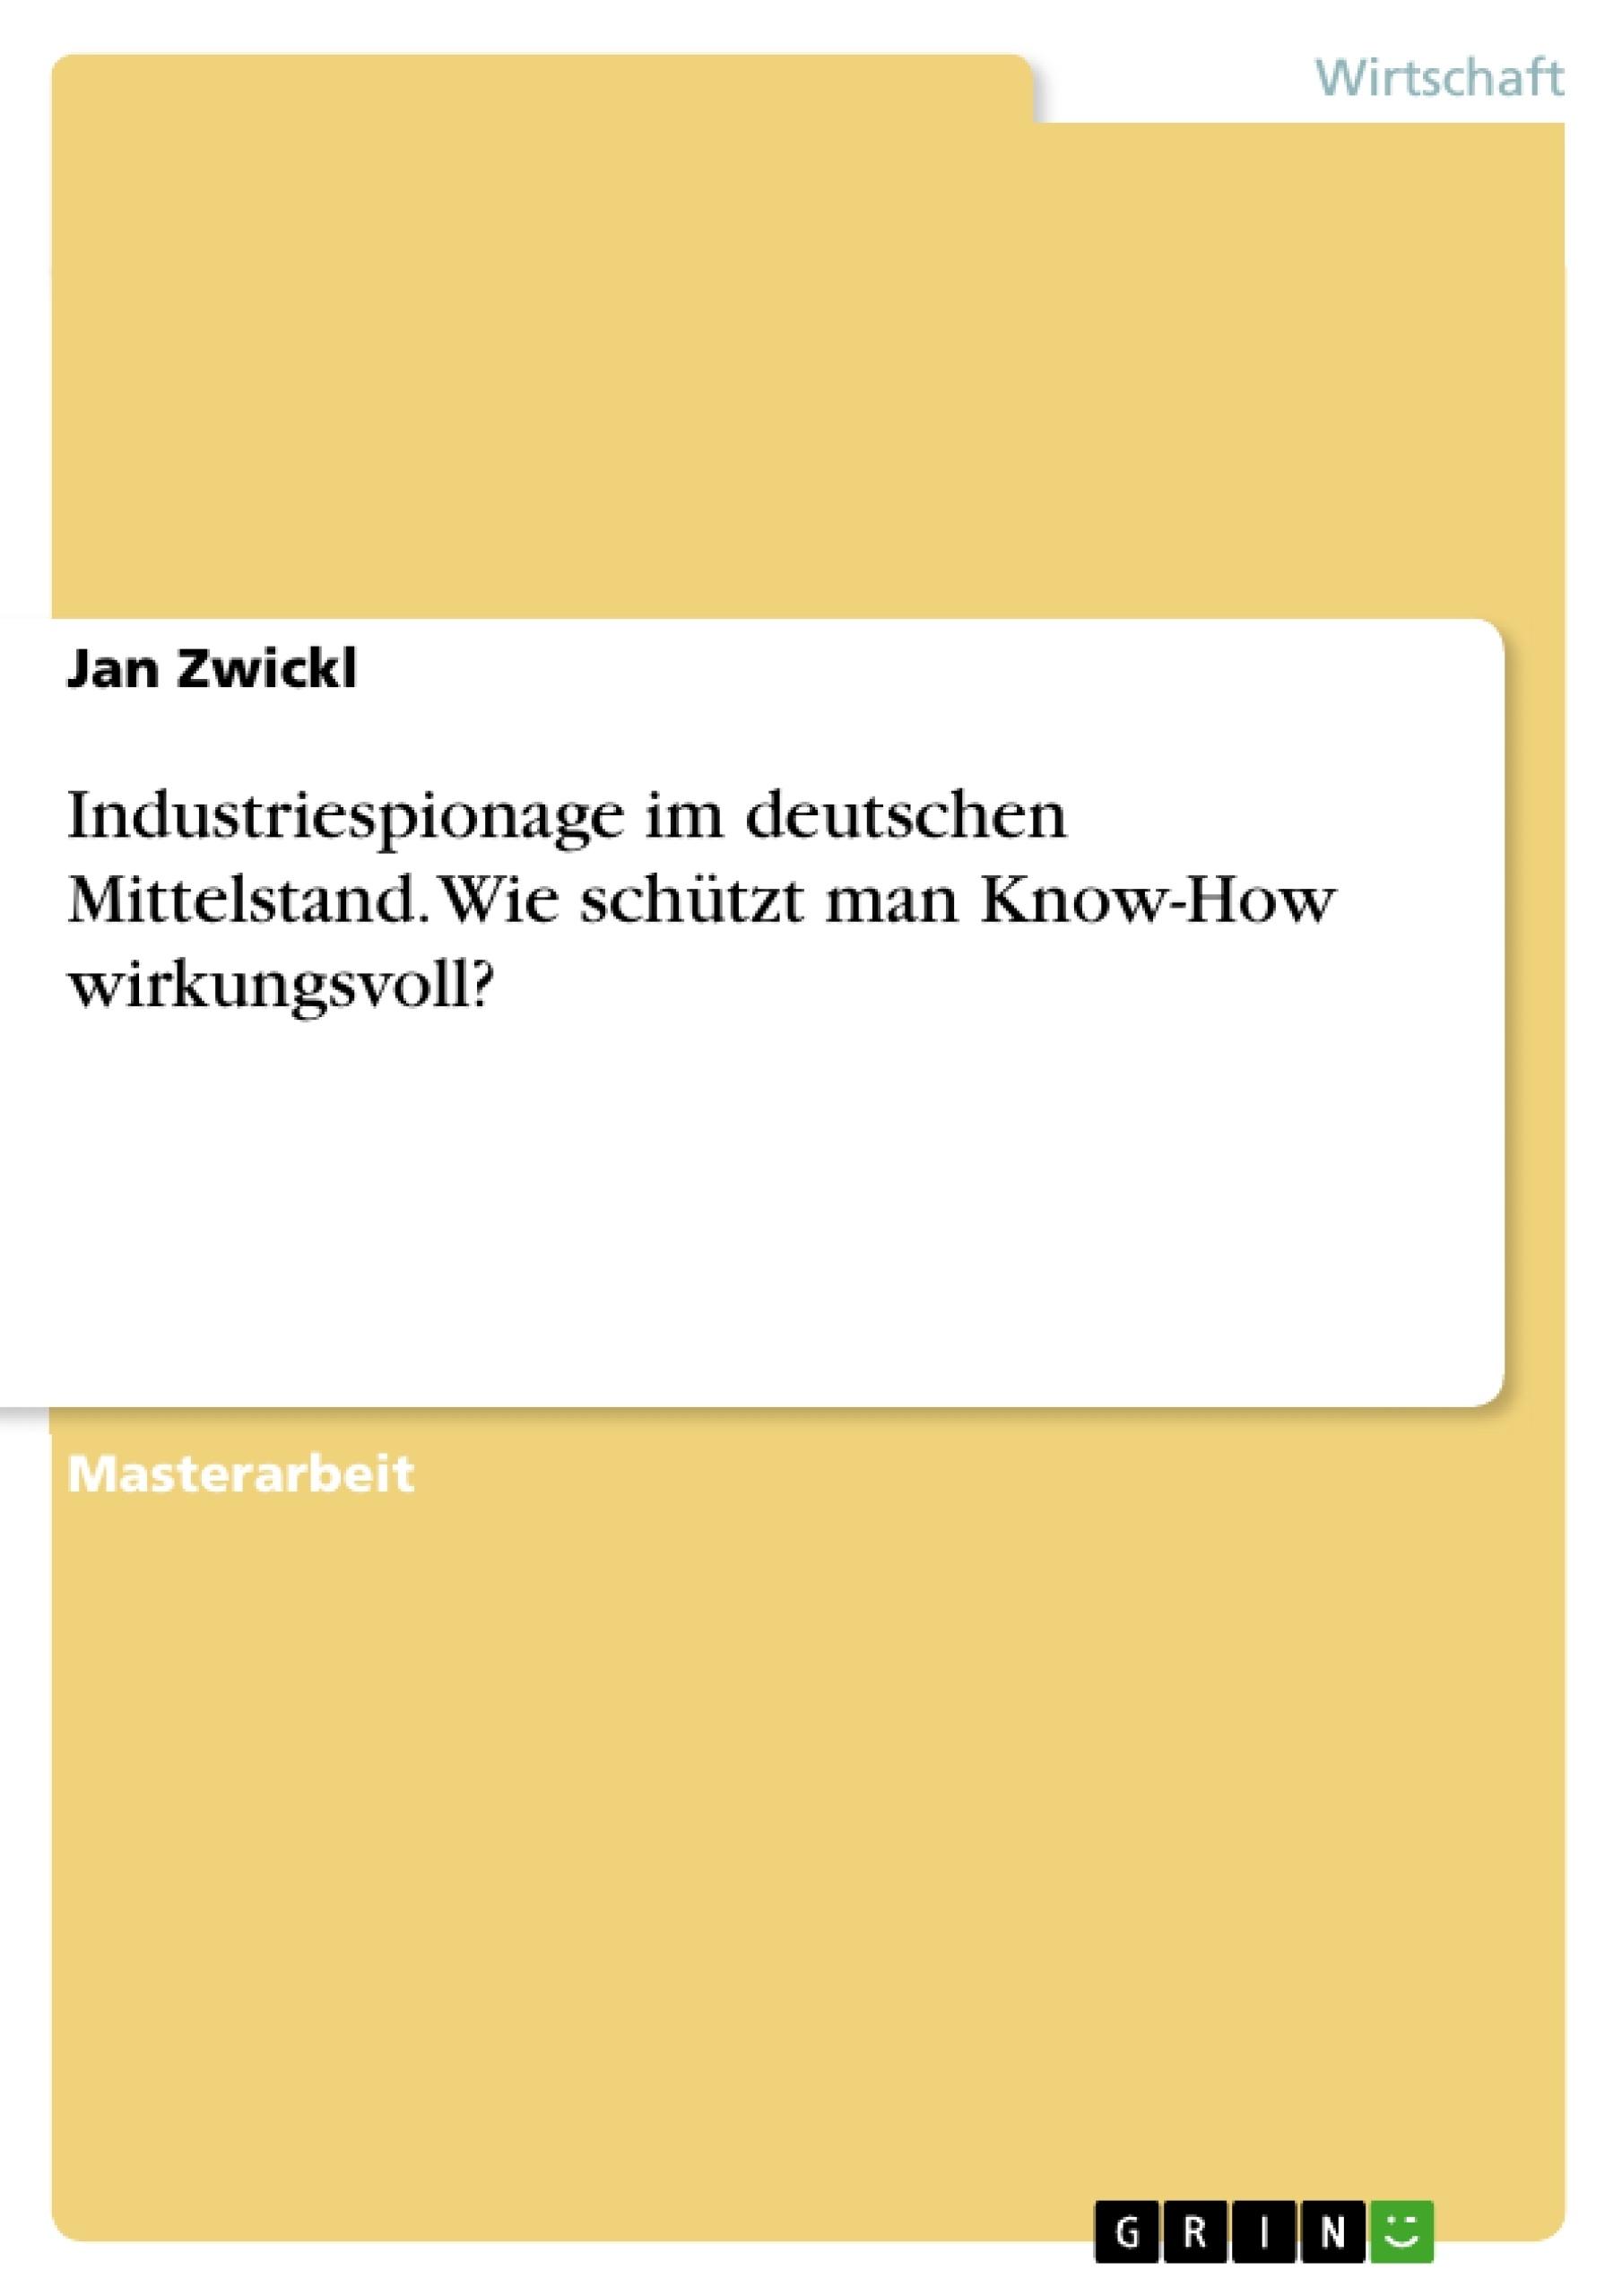 Titel: Industriespionage im deutschen Mittelstand. Wie schützt man Know-How wirkungsvoll?